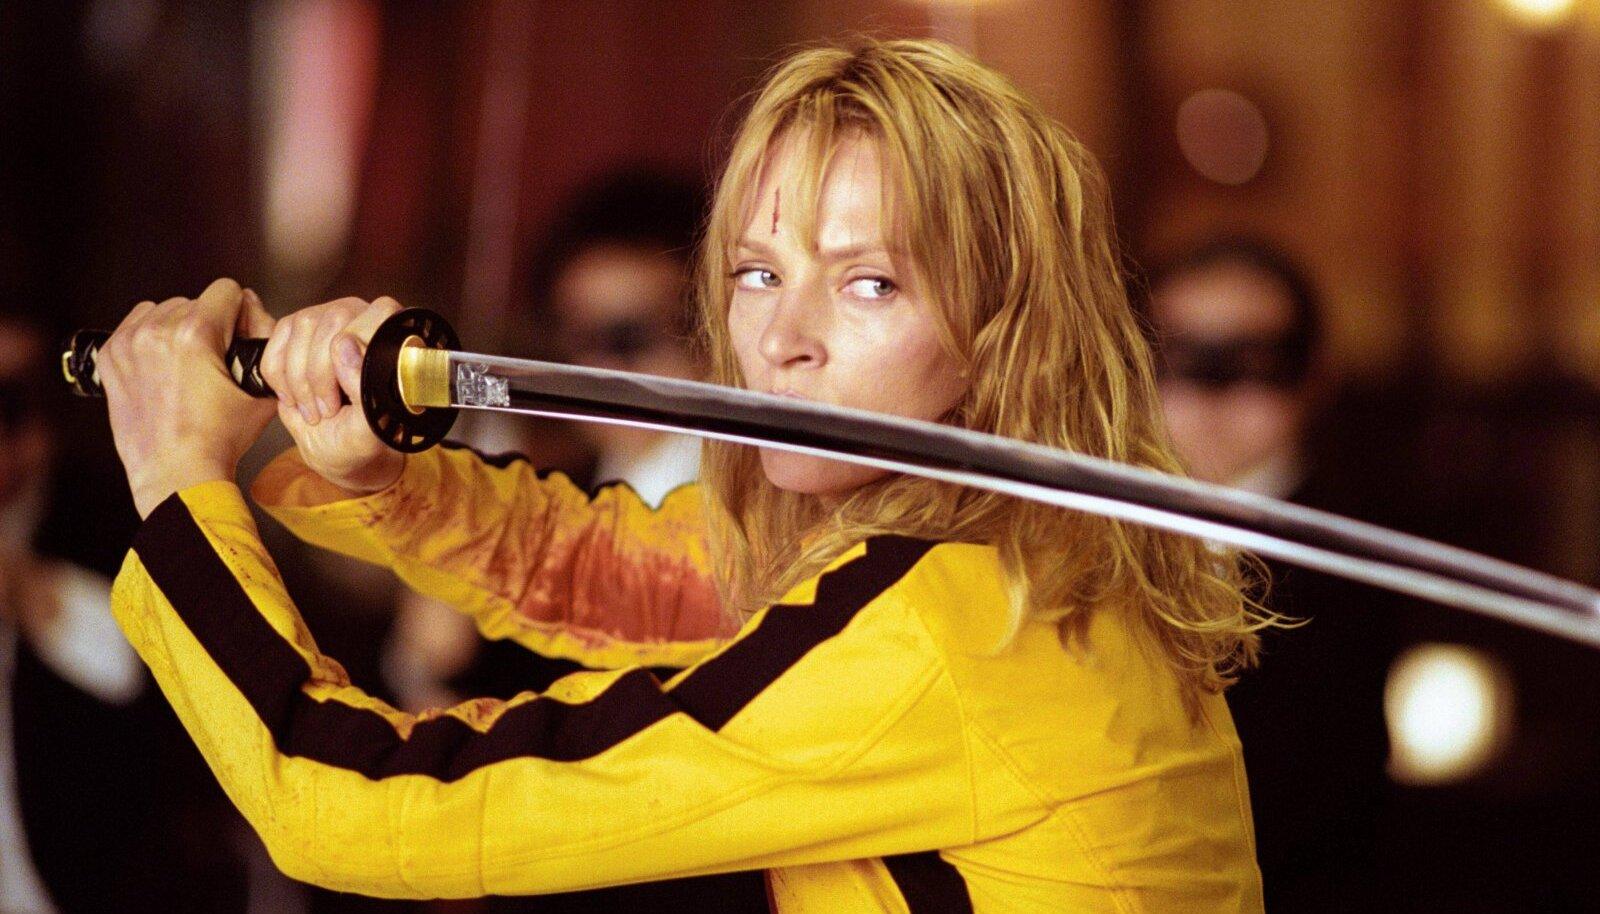 """Uma Thurman filmis """"Kill Bill - Pruudi kättemaks vol. 1"""" (""""Kill Bill"""", 2003)"""